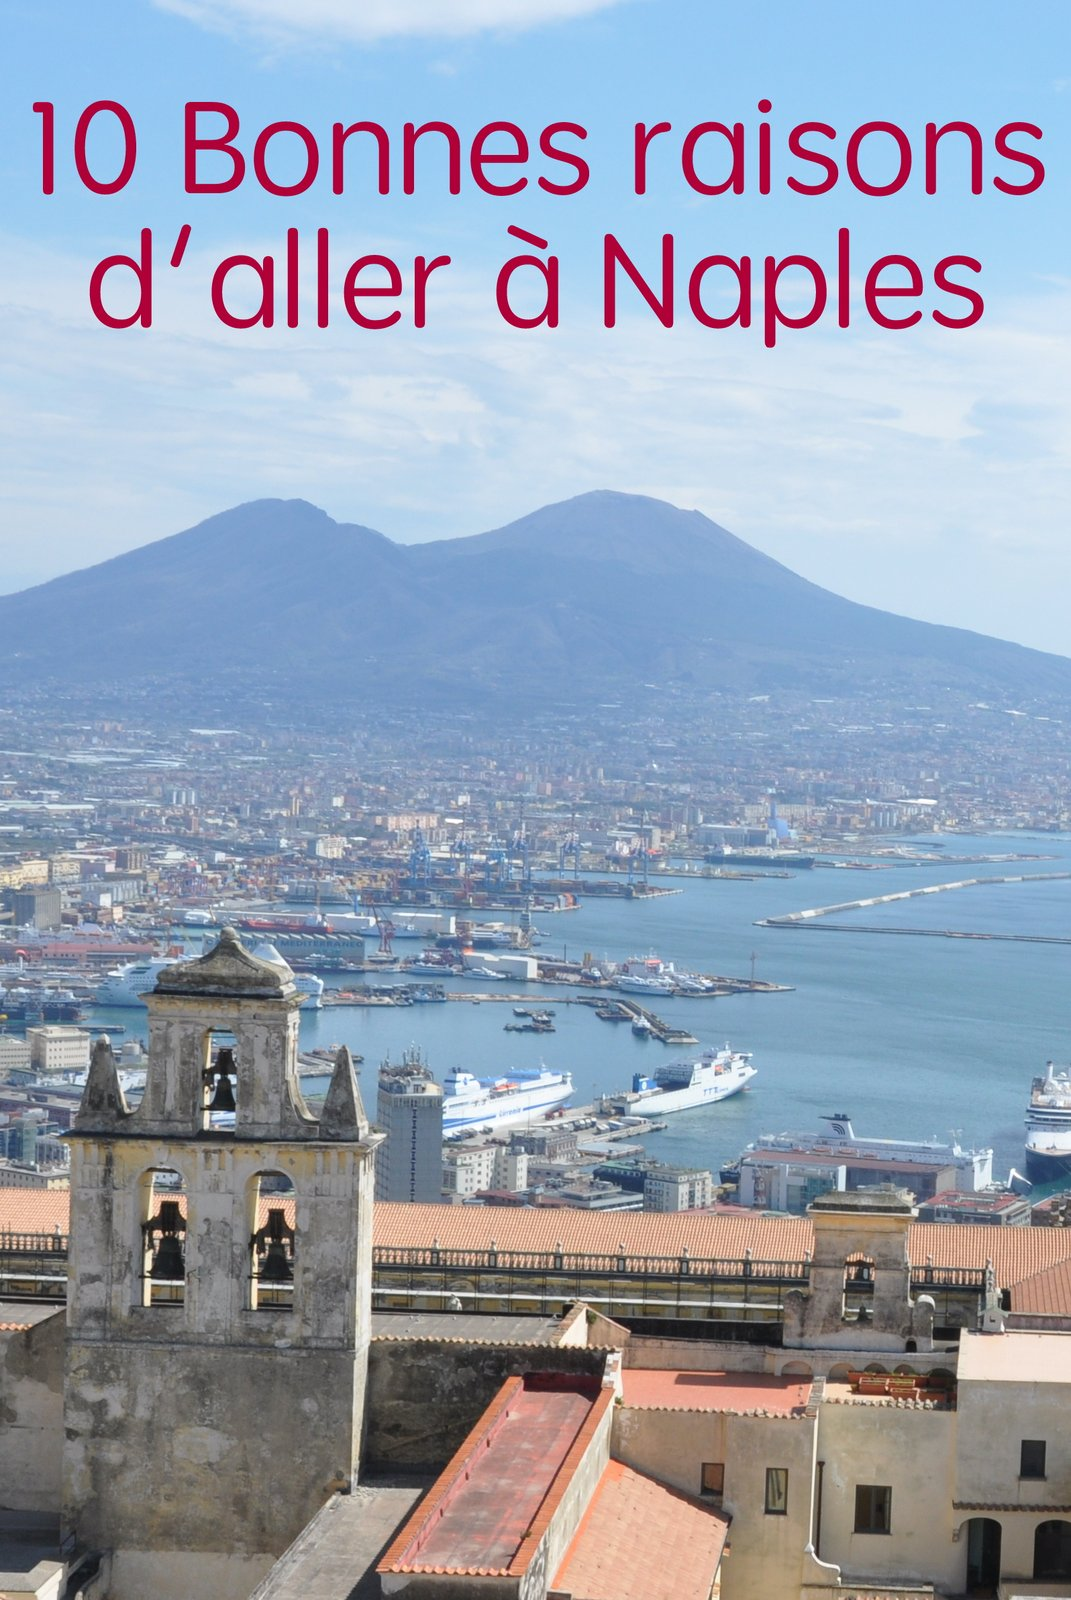 10 bonnes raisons de tomber sous le charme de naples - Brunico italie office du tourisme ...